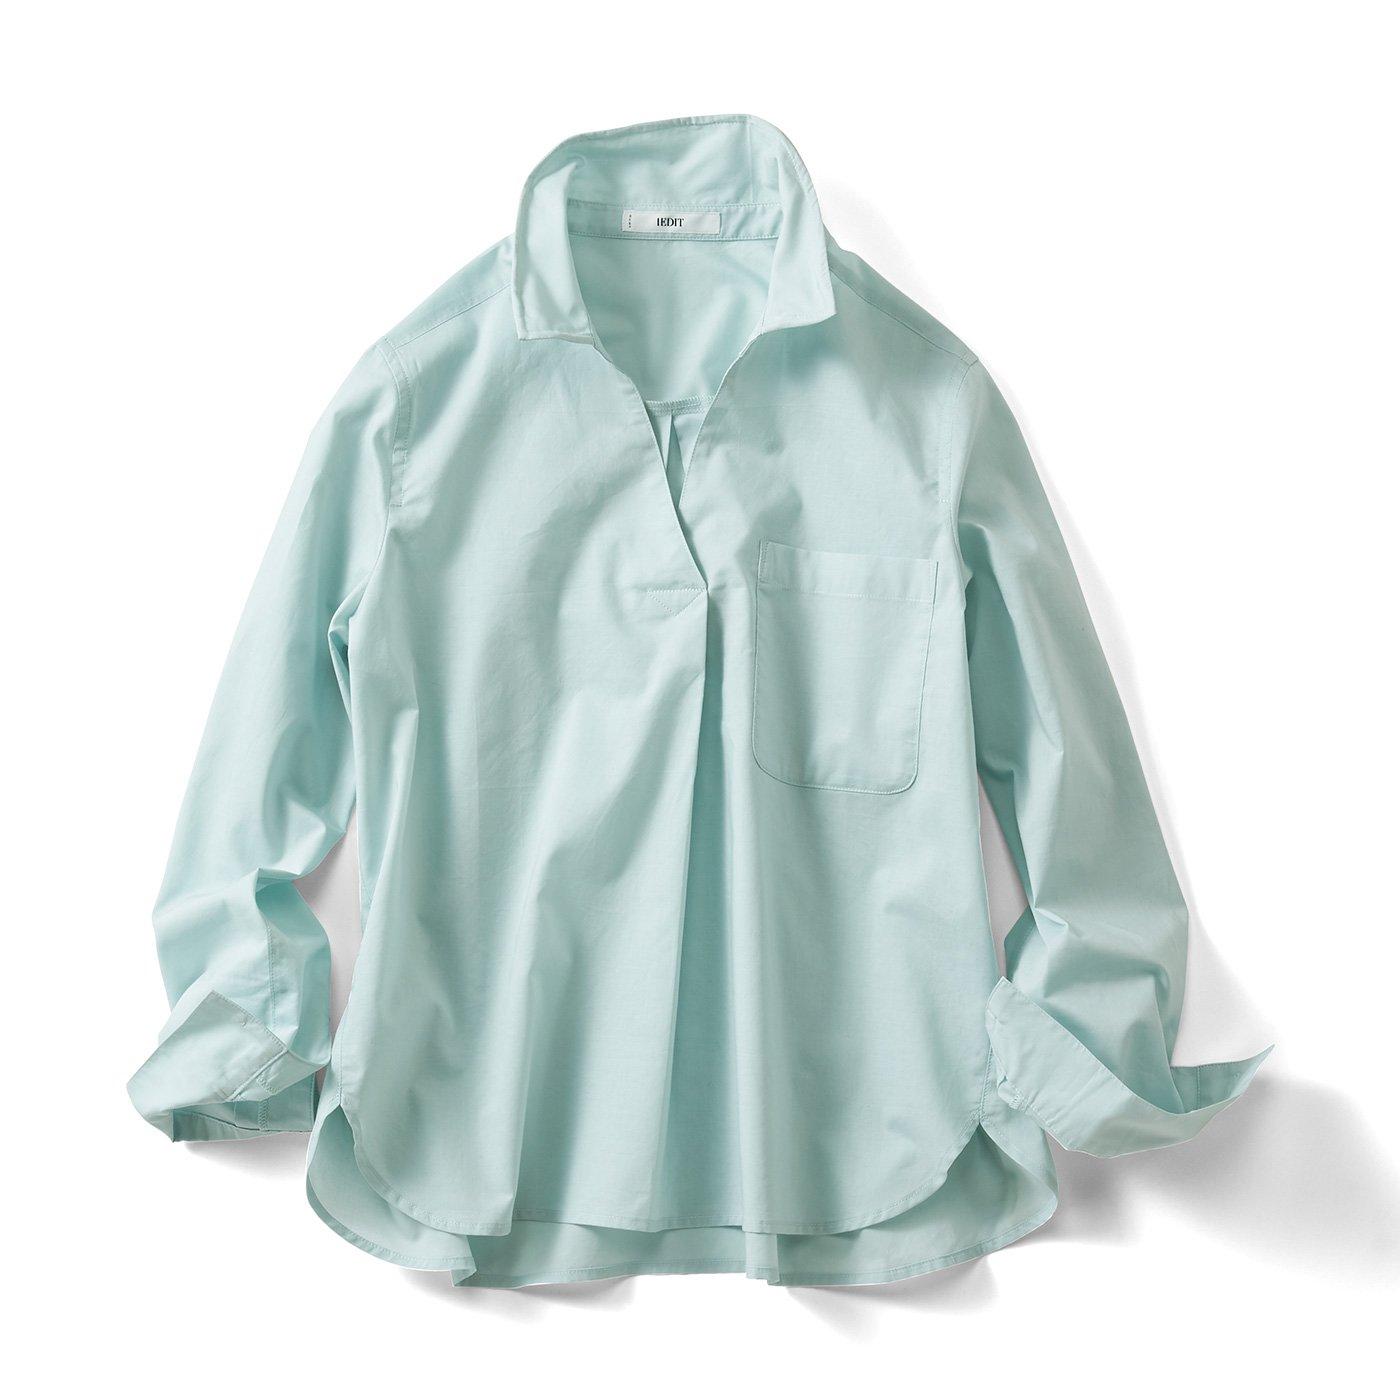 IEDIT[イディット] ワイヤー入り衿で着こなし自在 スキッパーシャツプルオーバー〈グリーン〉